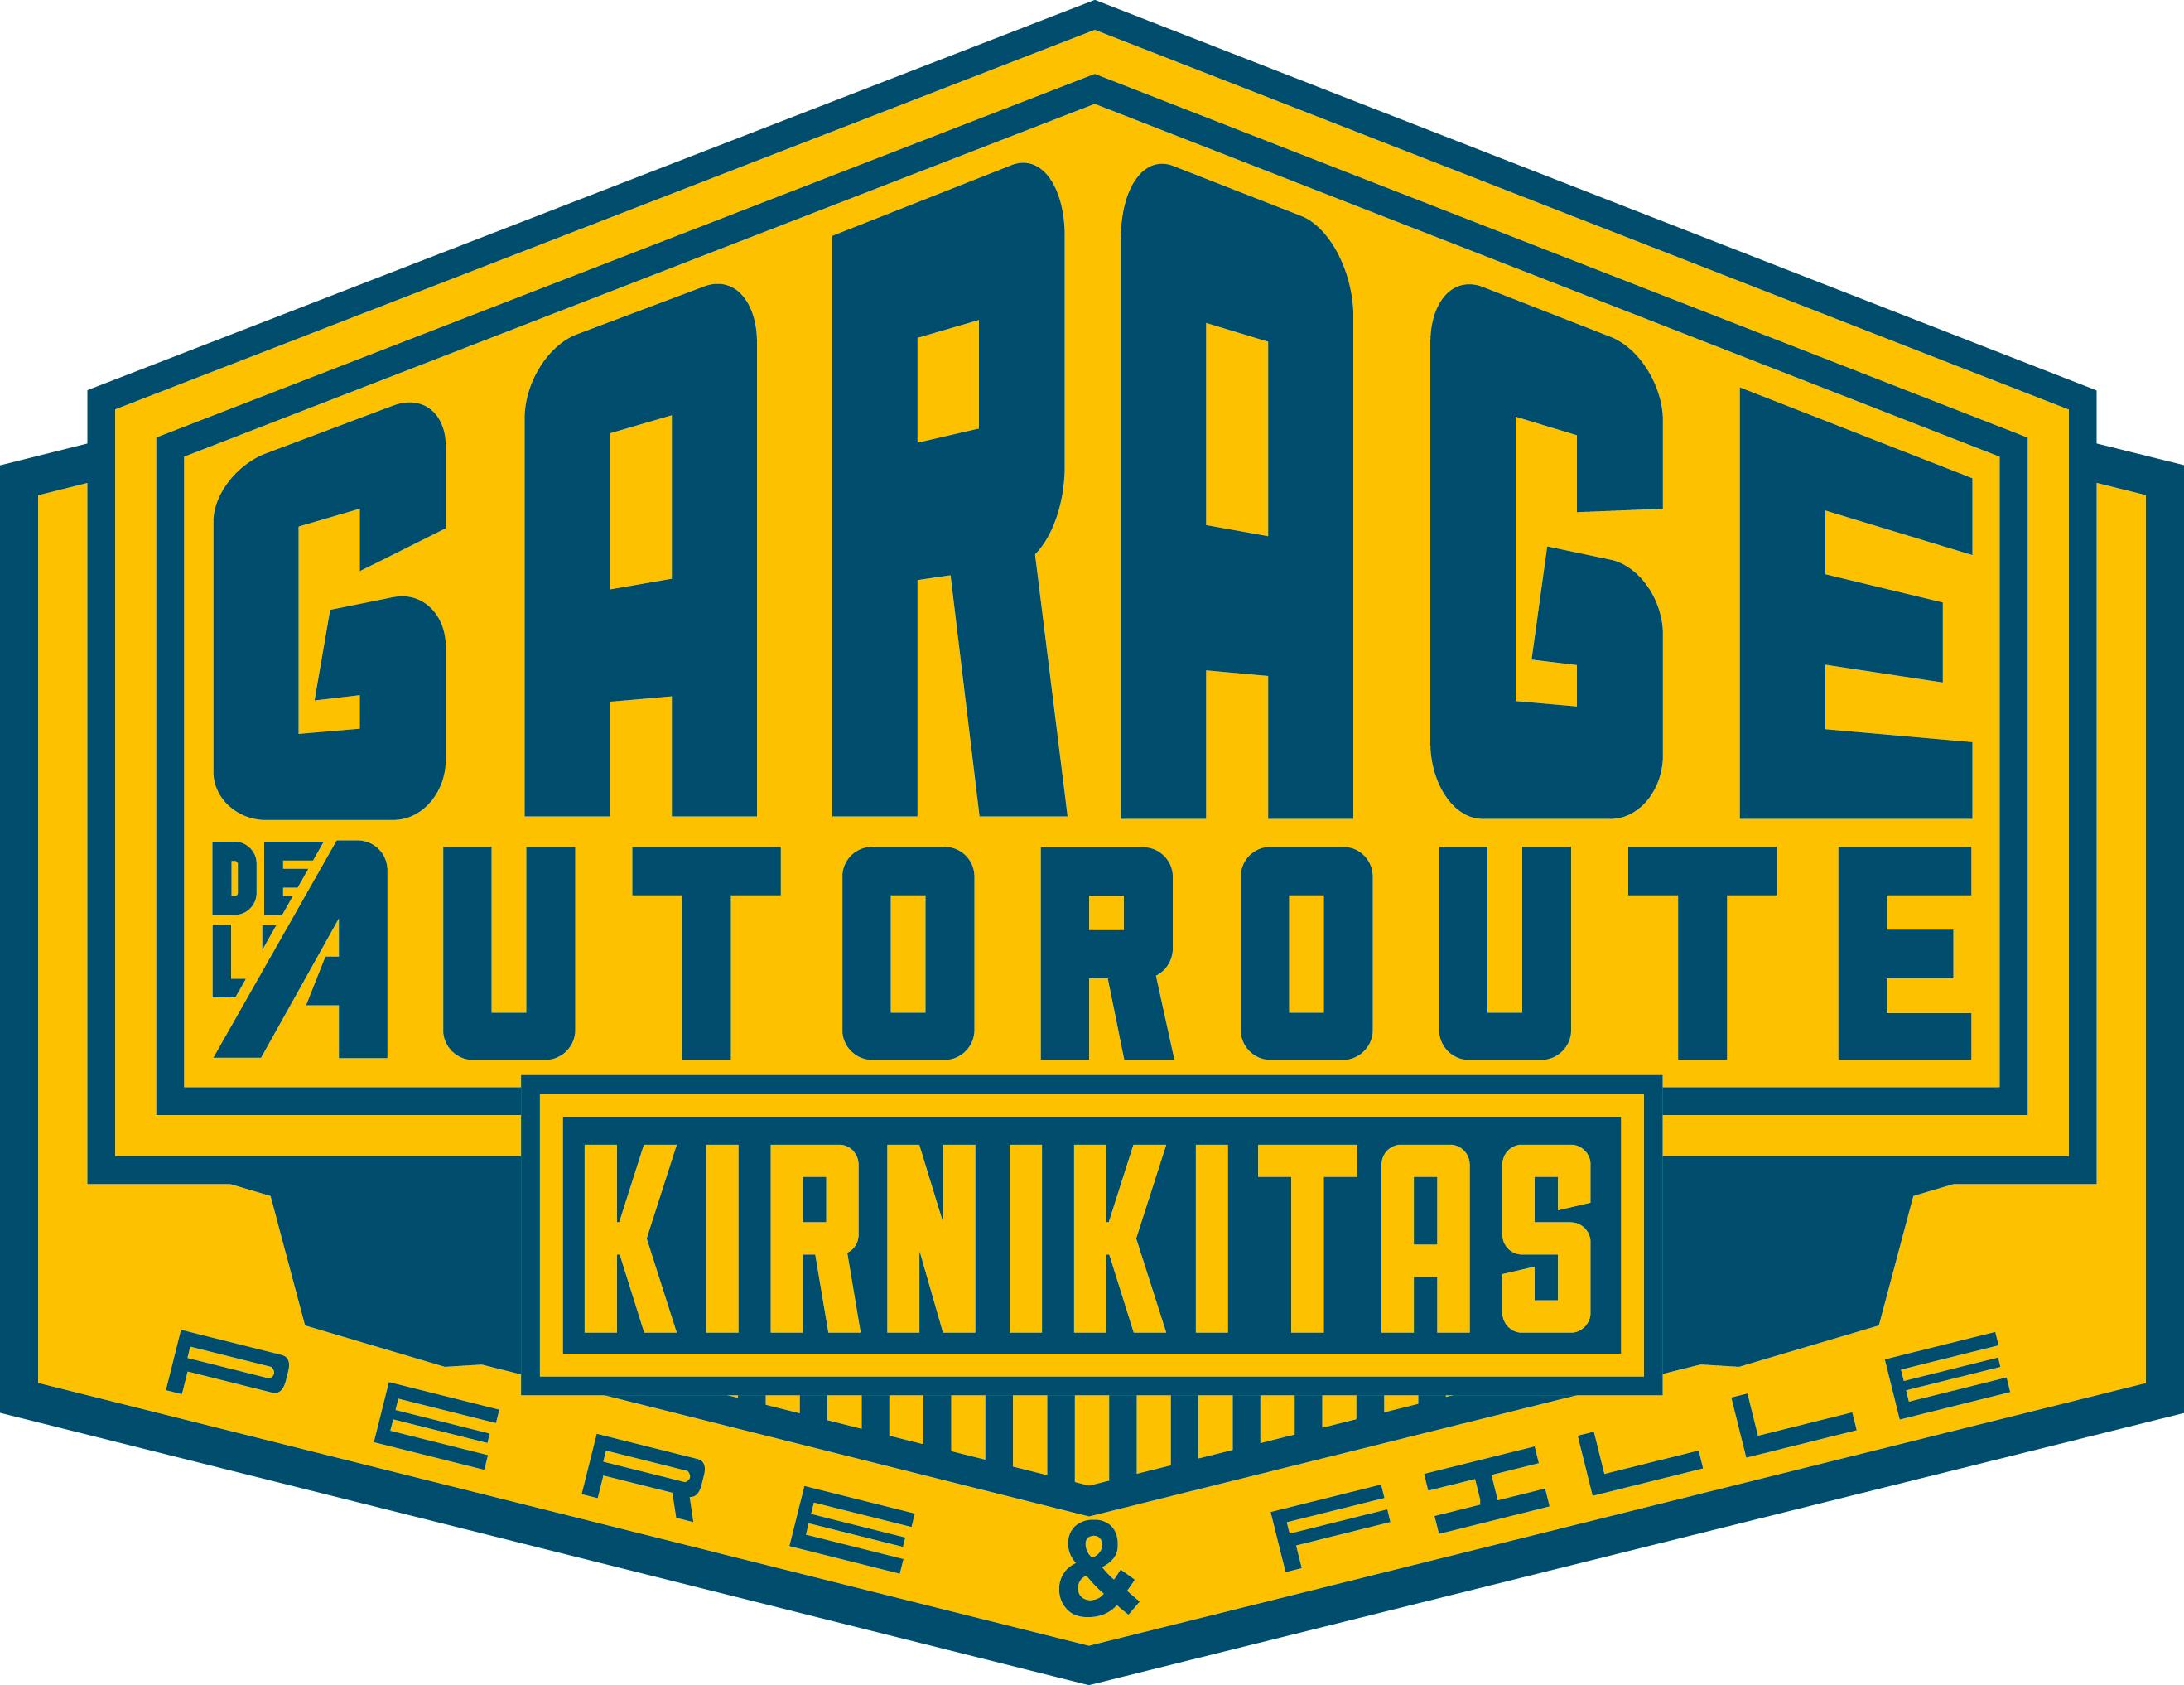 Garage de l'autoroute